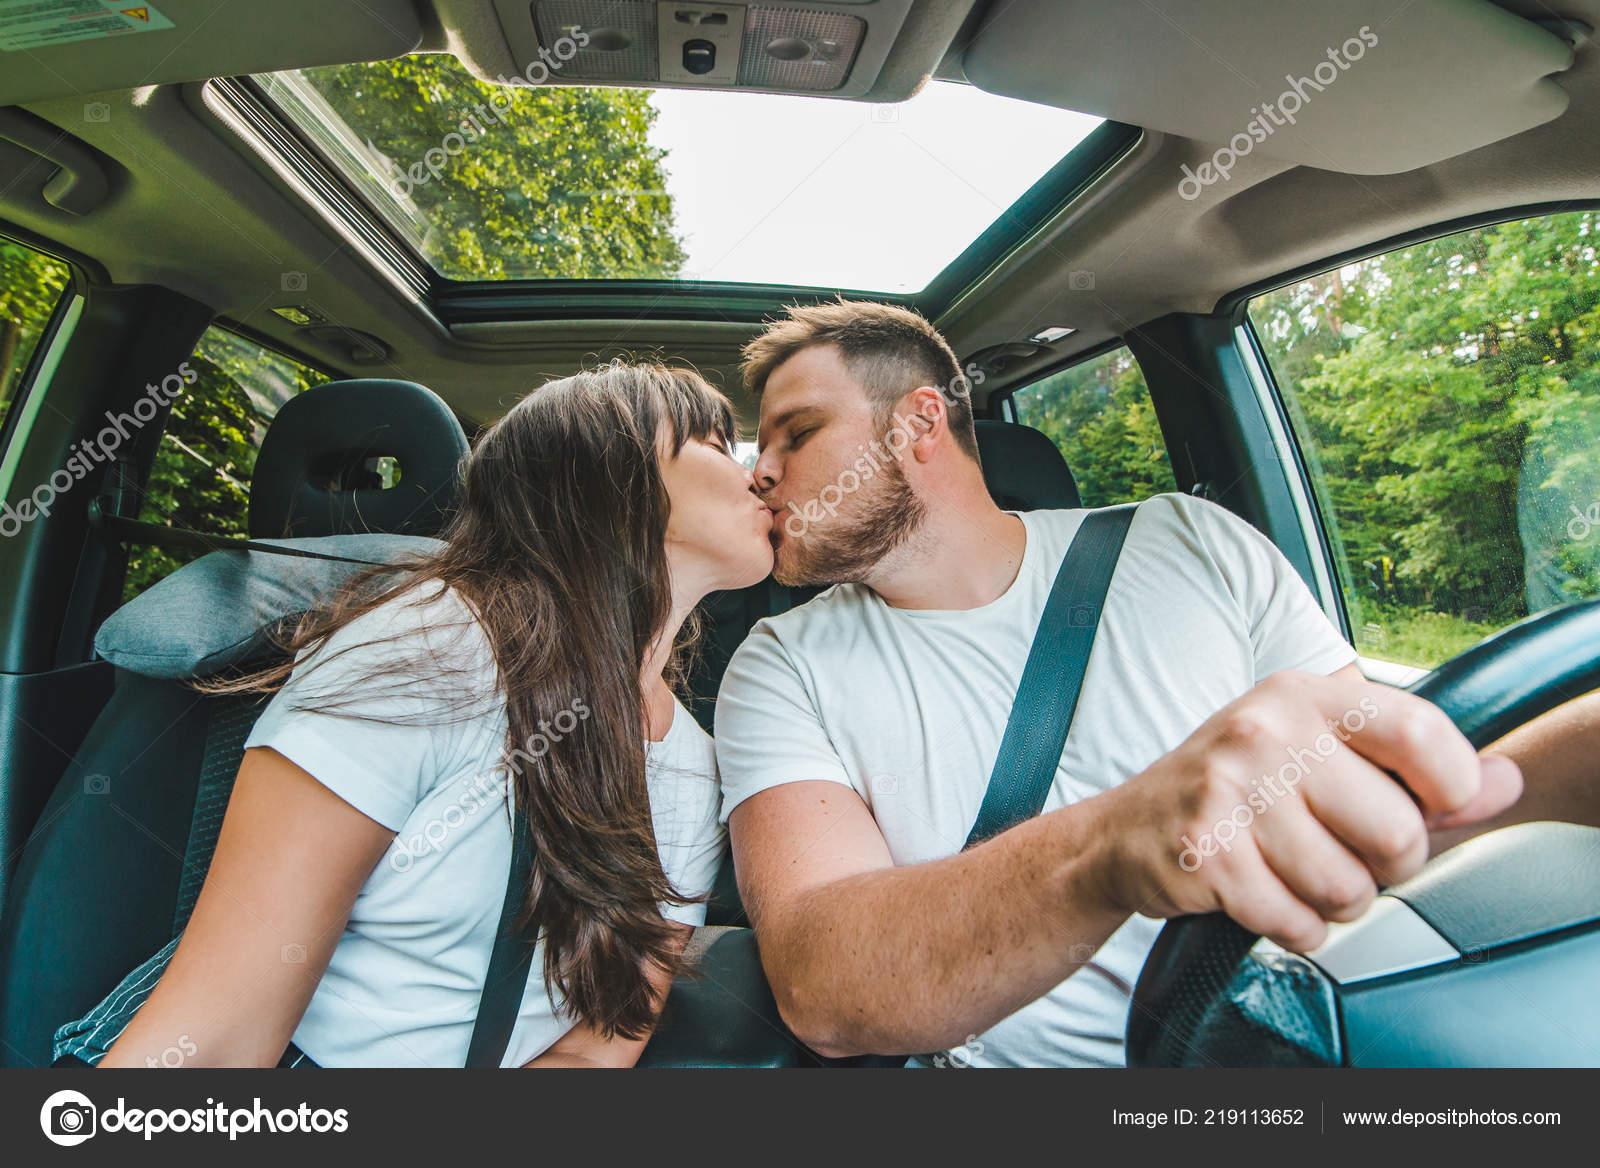 оказаться чудесной фото целующихся в машине крупно пляжи сицилии для